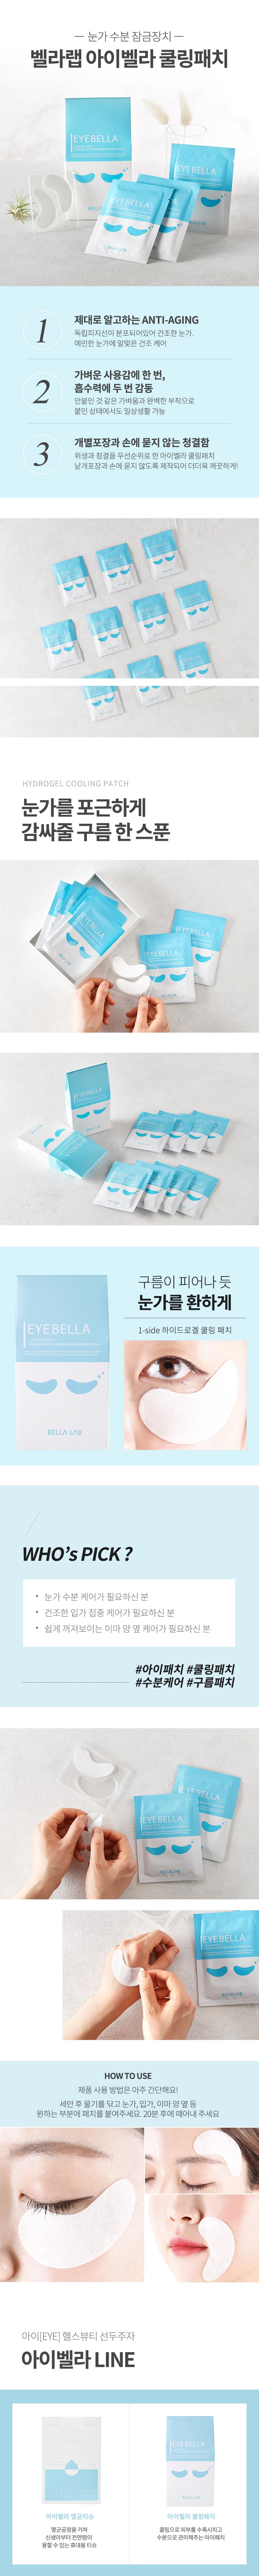 eyebella.jpg